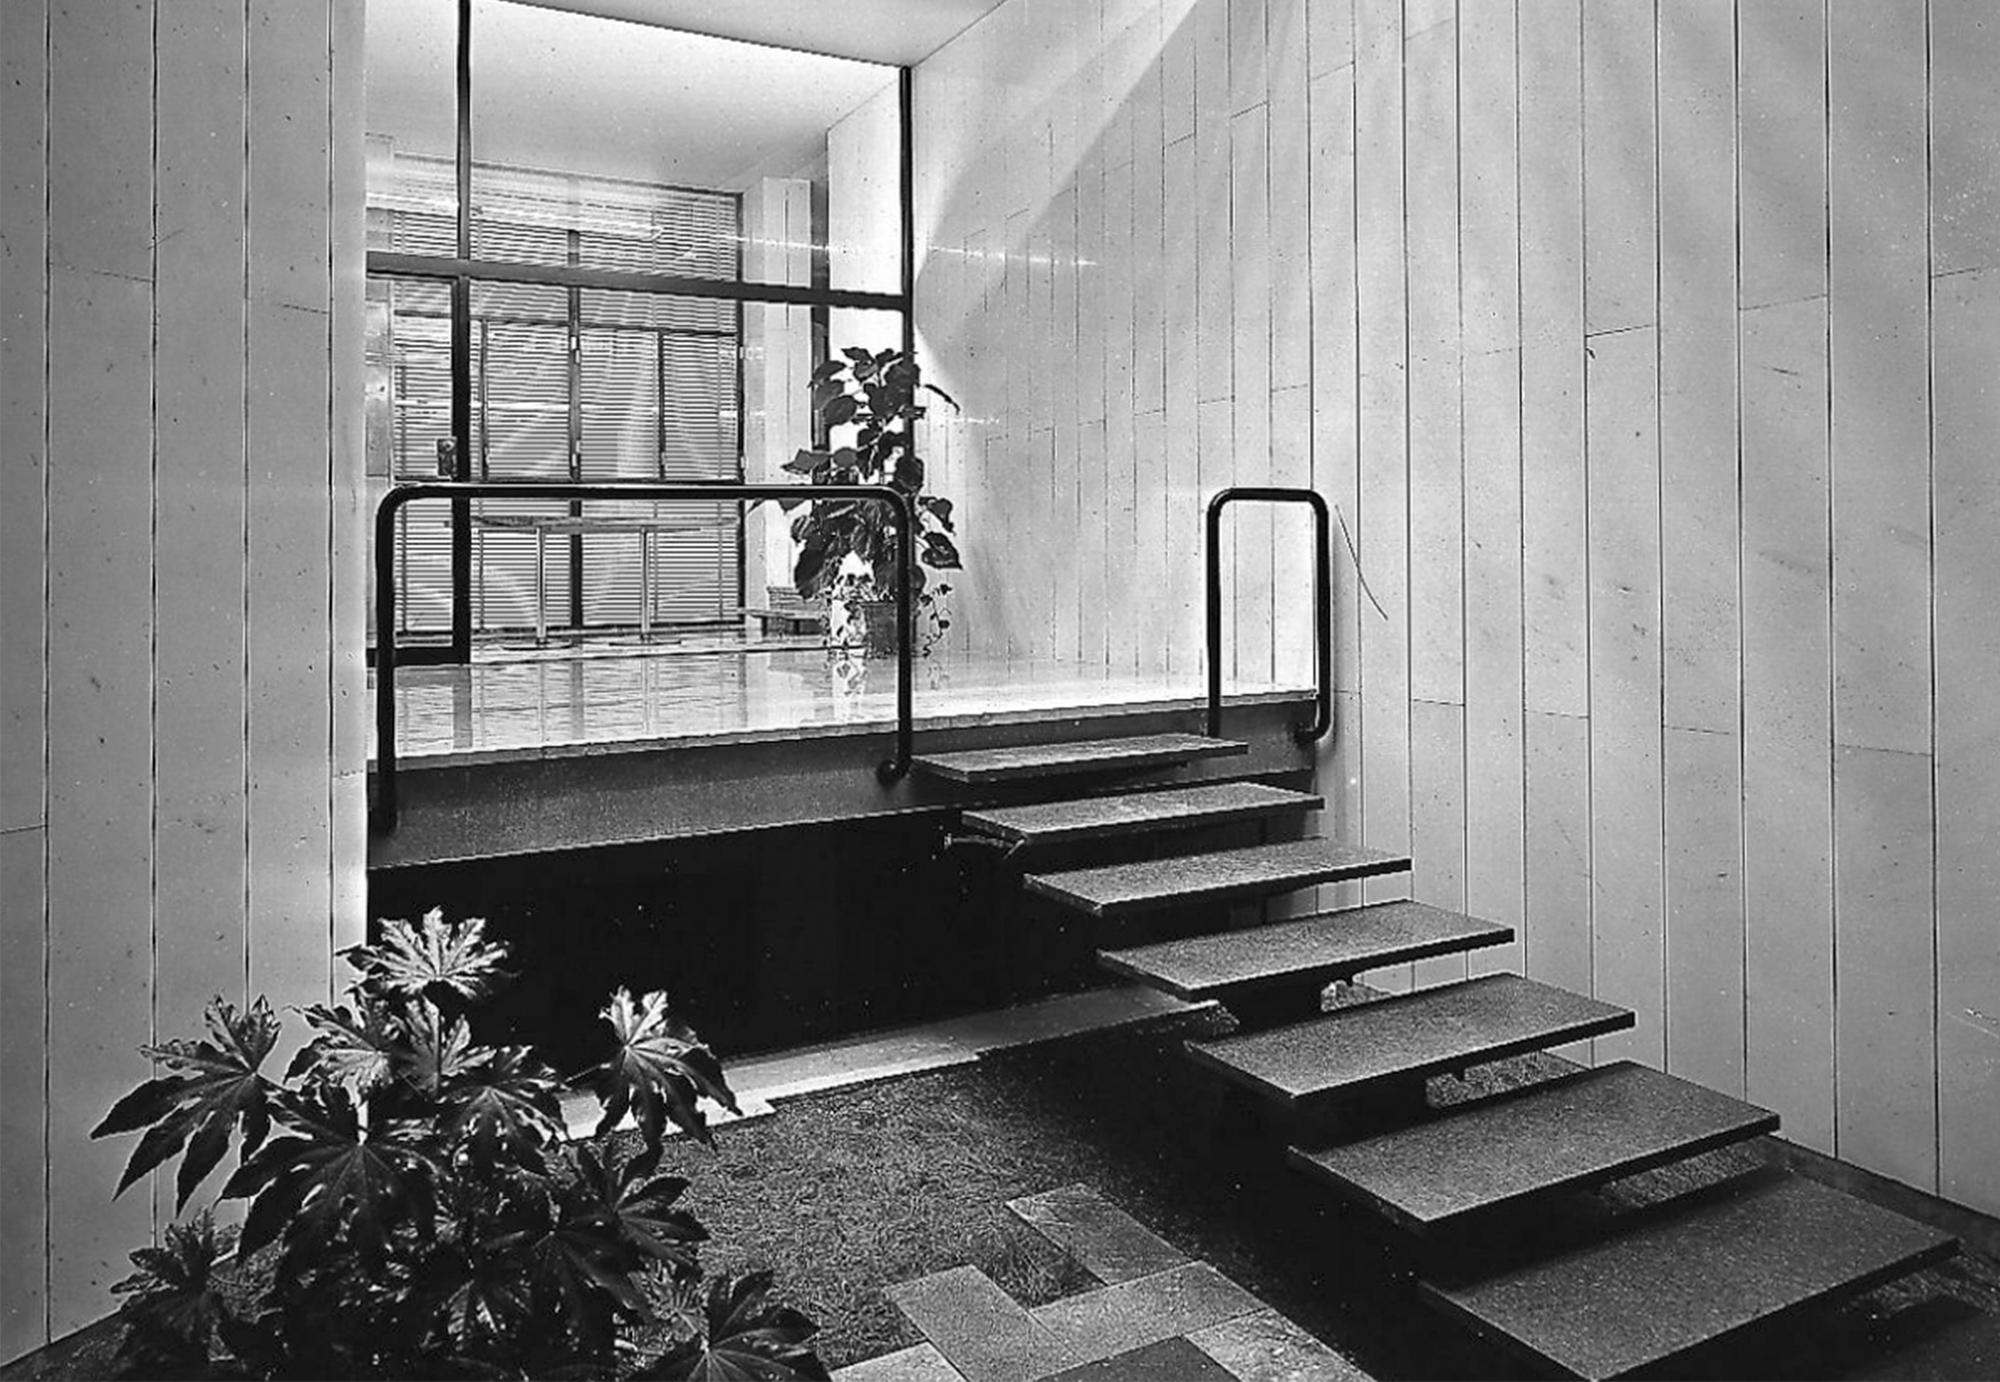 Architetture d interni bbarch for Progetti architettura interni